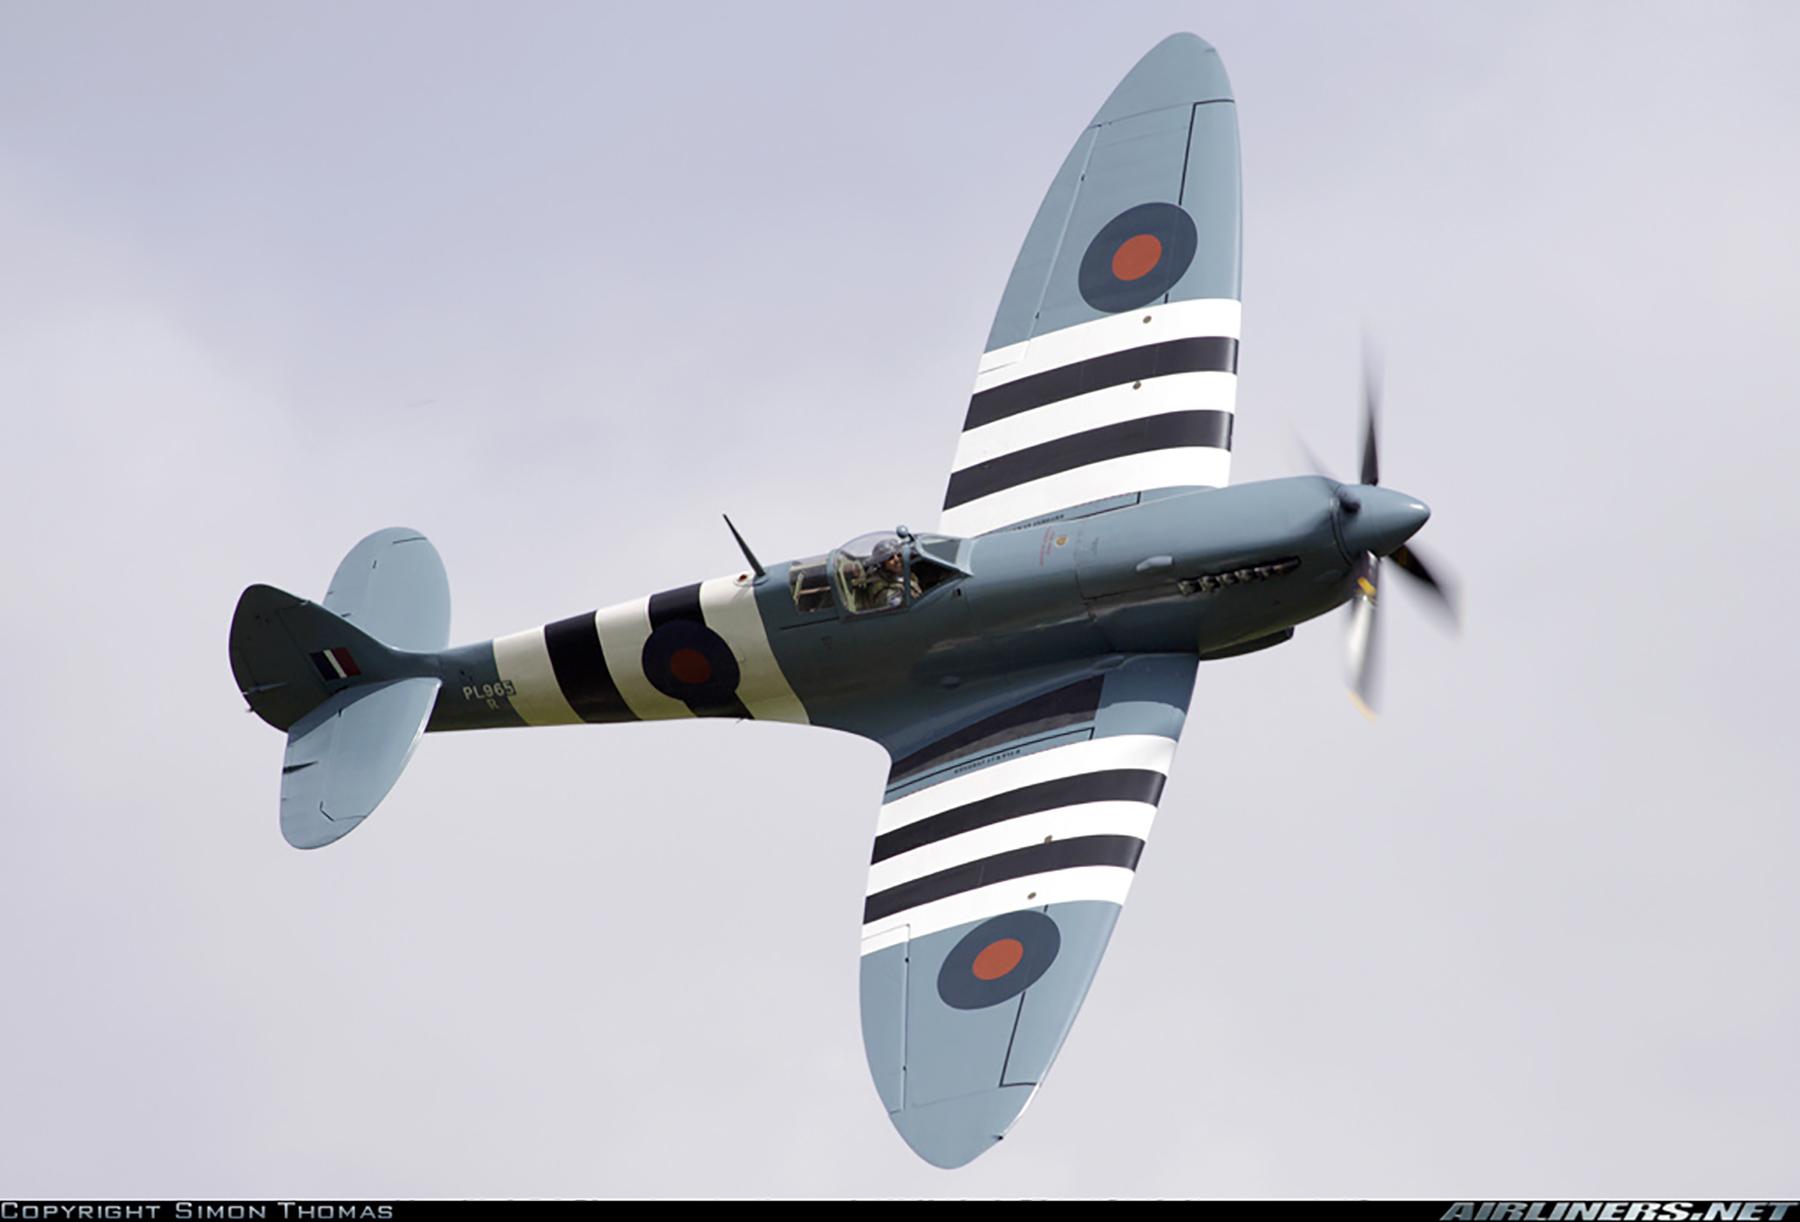 Airworthy Spitfire warbird PRXI RAF 16Sqn R PL965 13